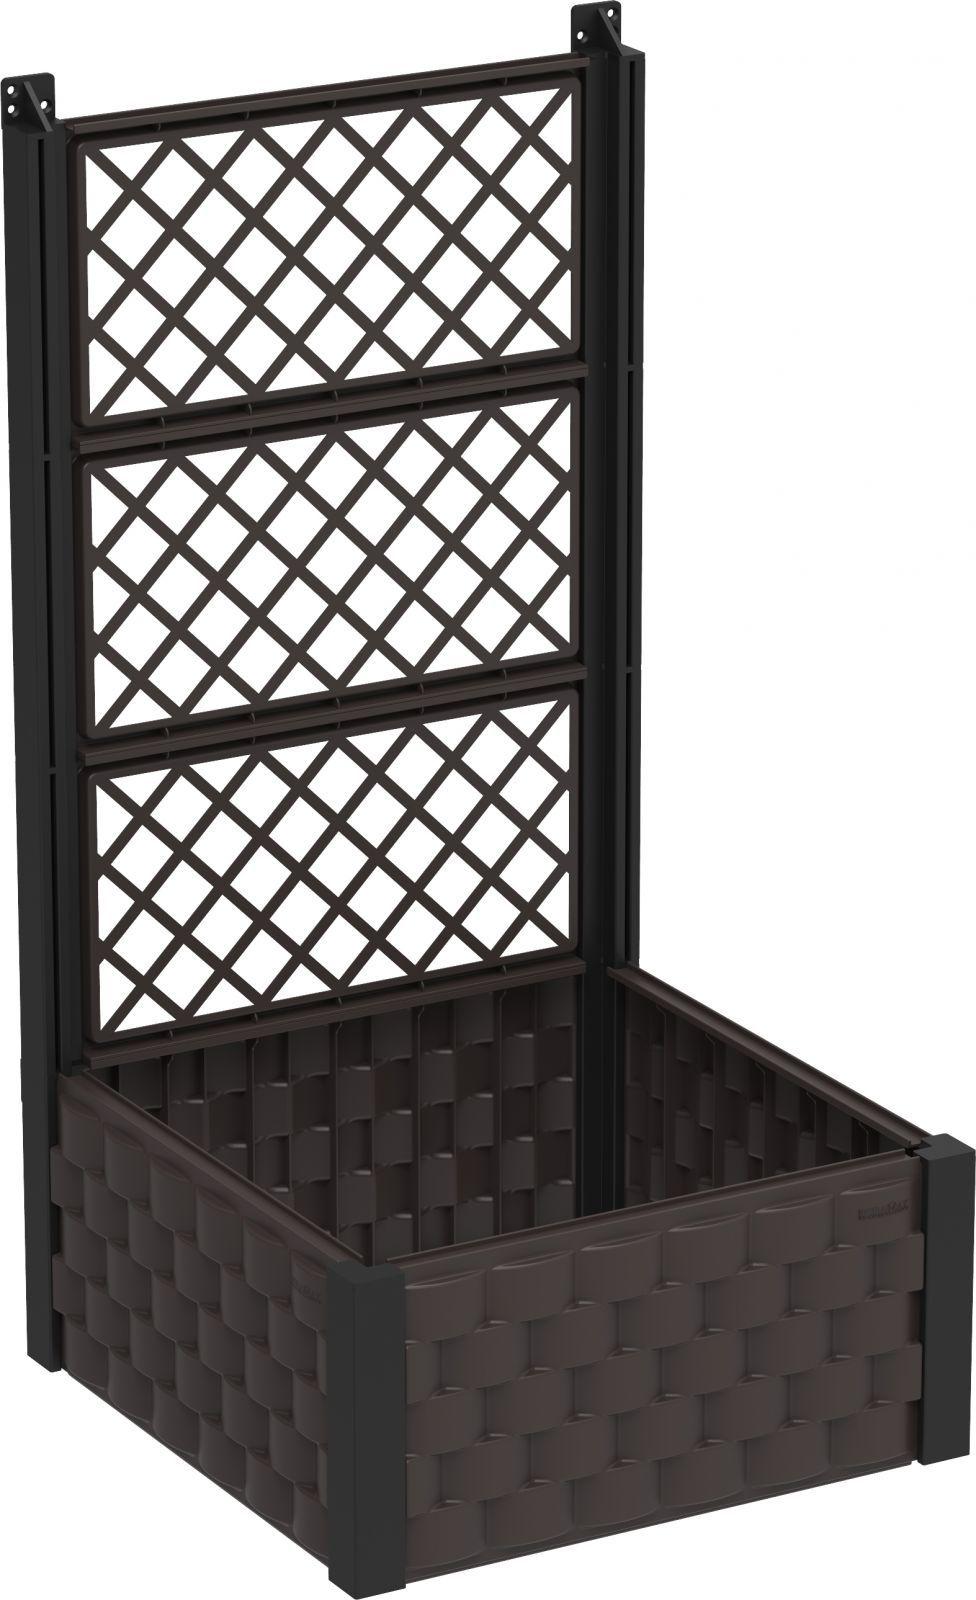 DURAMAX Nadziemny kwietnik 55 x 55 cm z trelażem, brązowy, Duramax IDMFPGB006DW